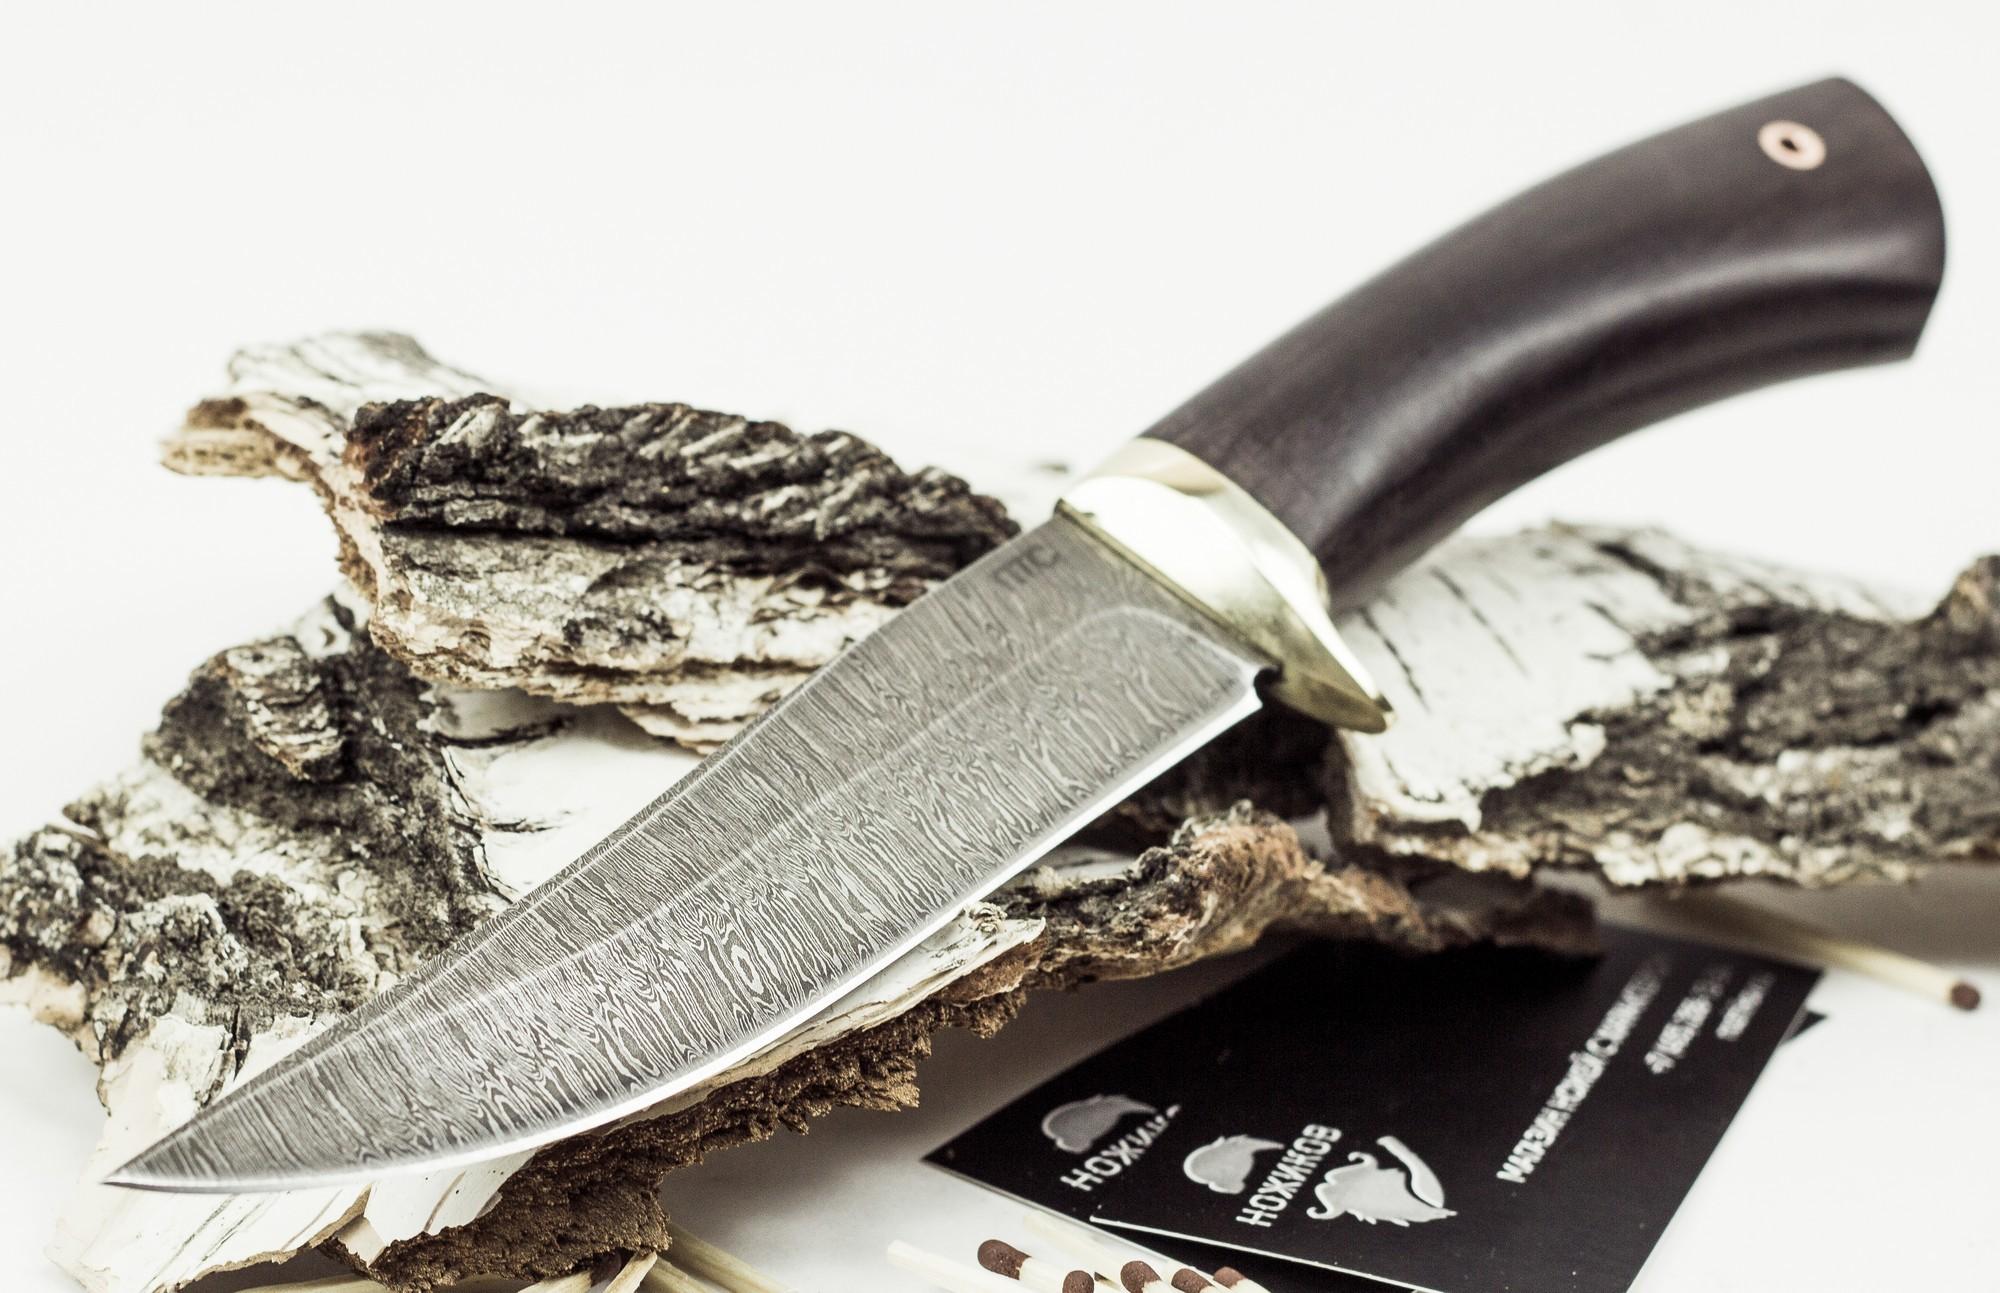 Фото 14 - Нож Лис-2, дамасская сталь от Промтехснаб